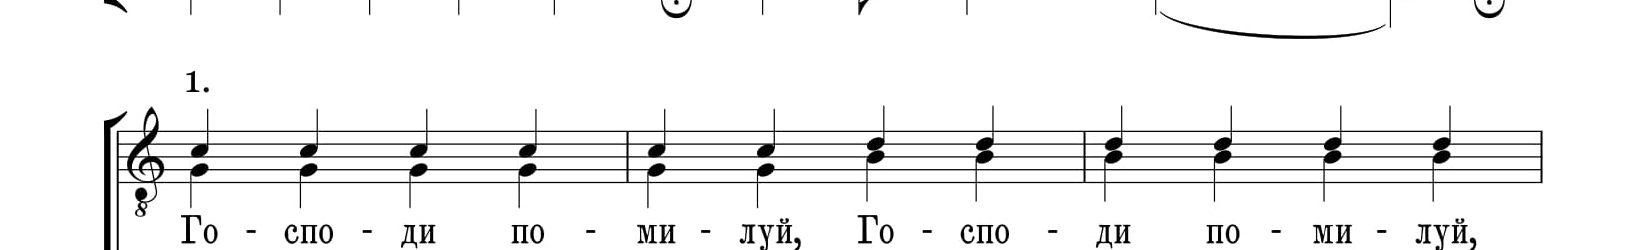 Сугубая ектения Болгарского р-ва в излож. арх. Матфея